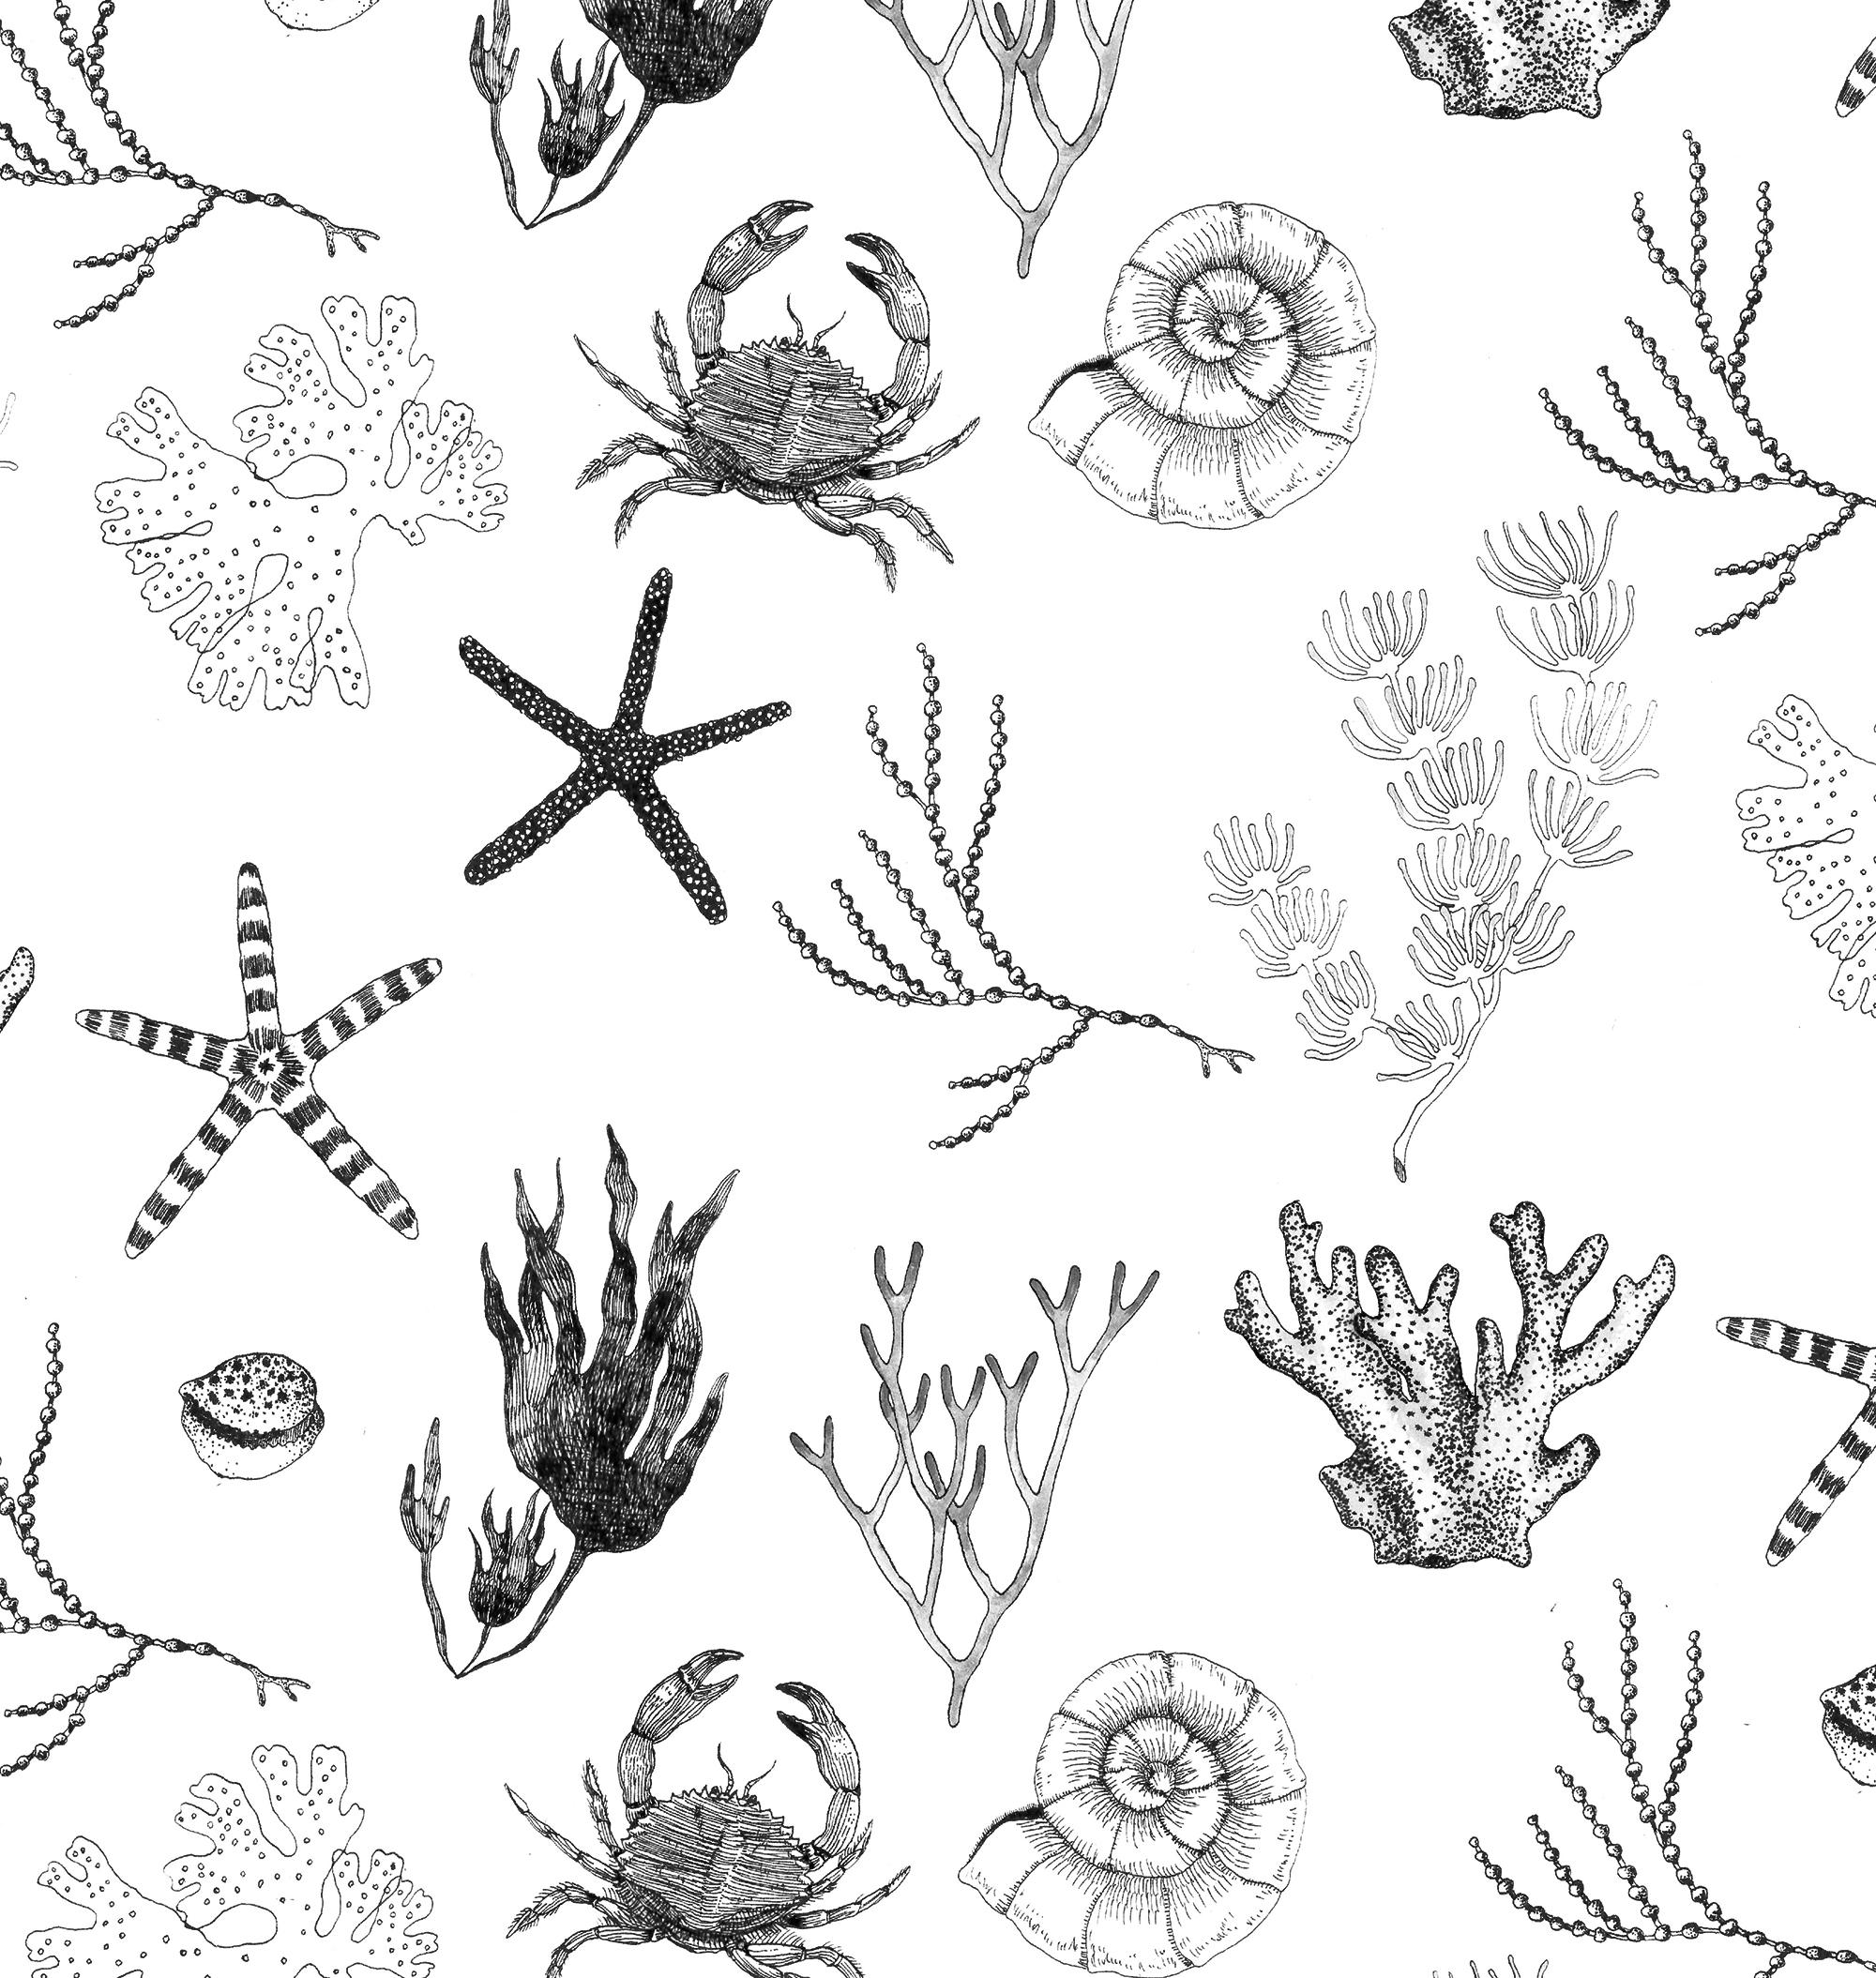 海洋生物 / Marine organisms